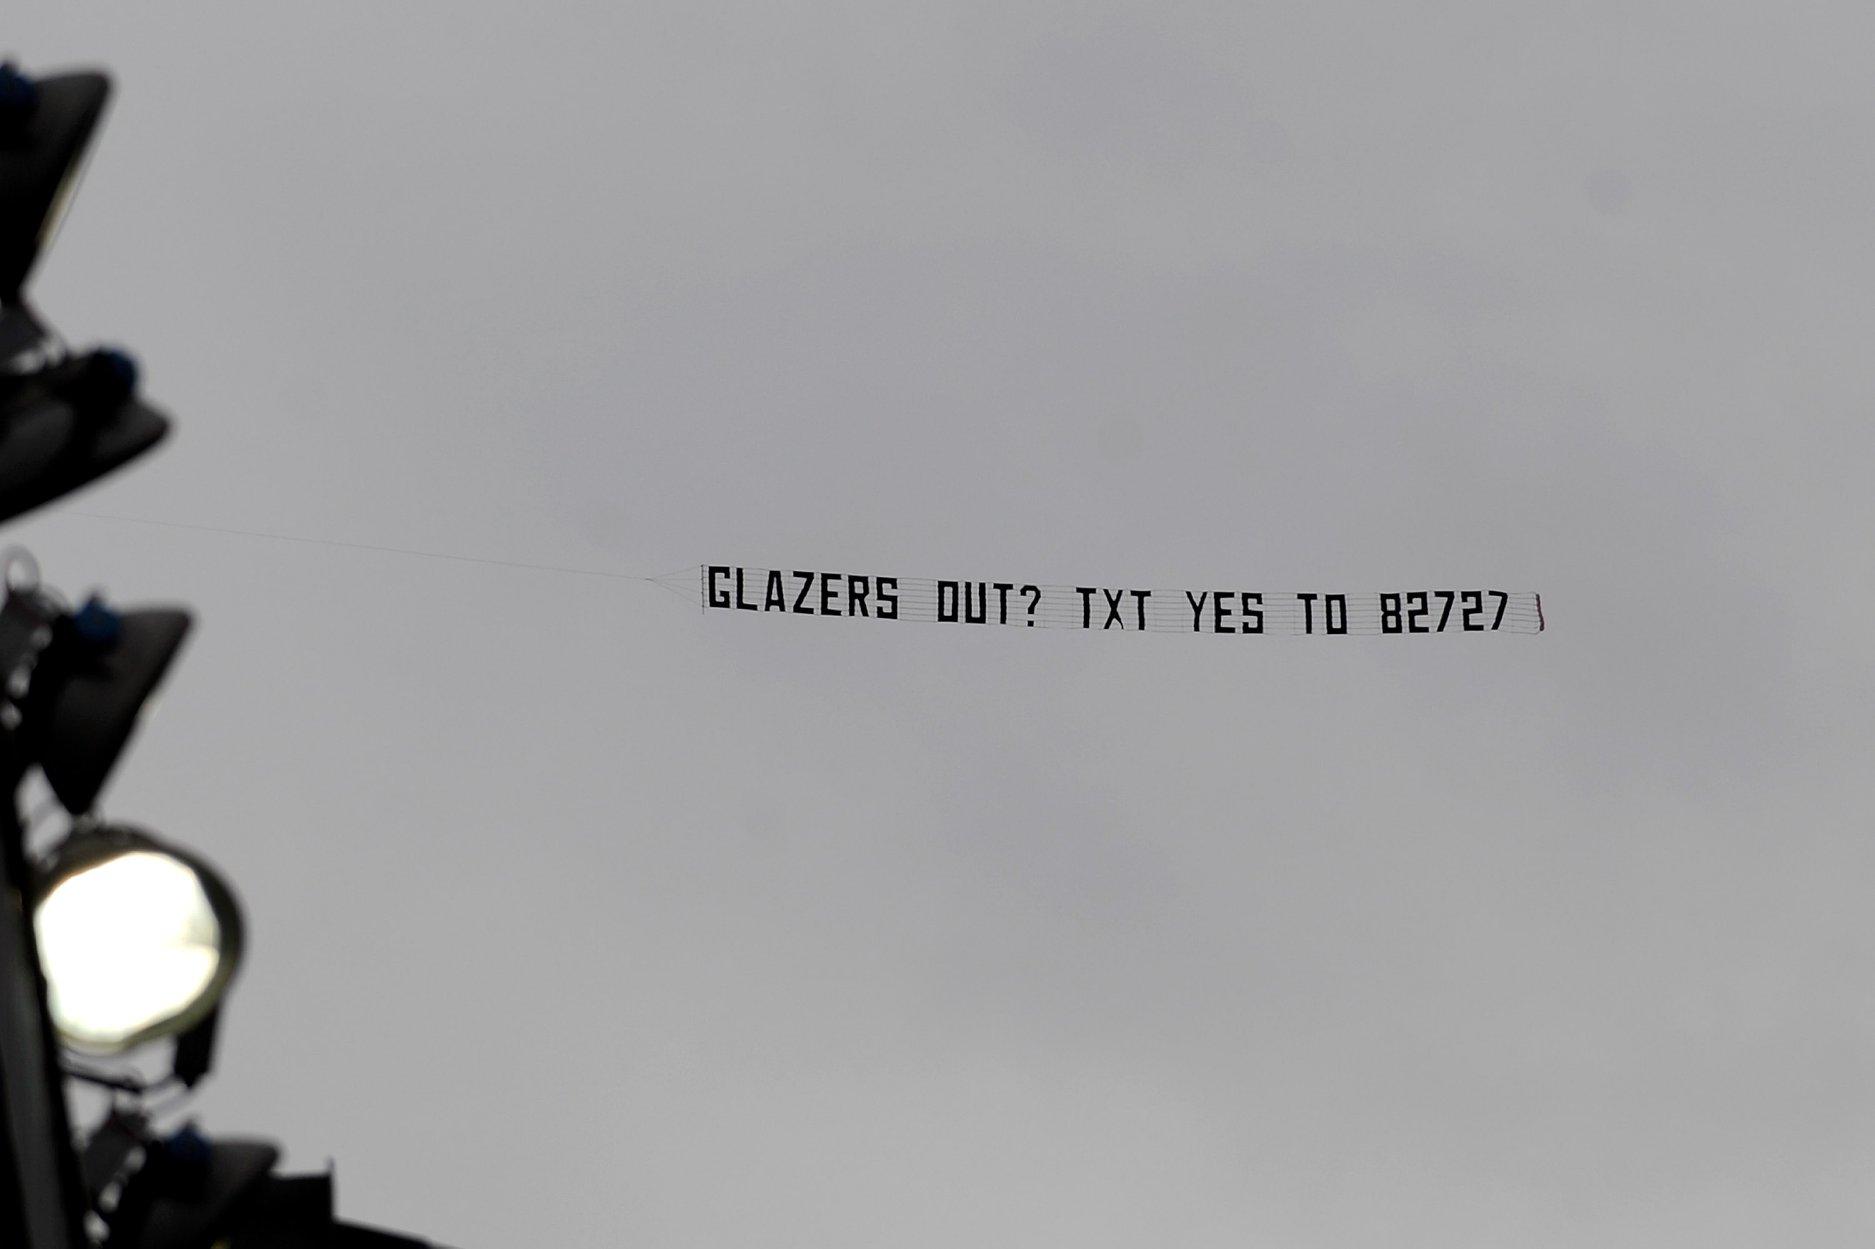 5 biểu ngữ nổi tiếng bằng máy bay: Man Utd